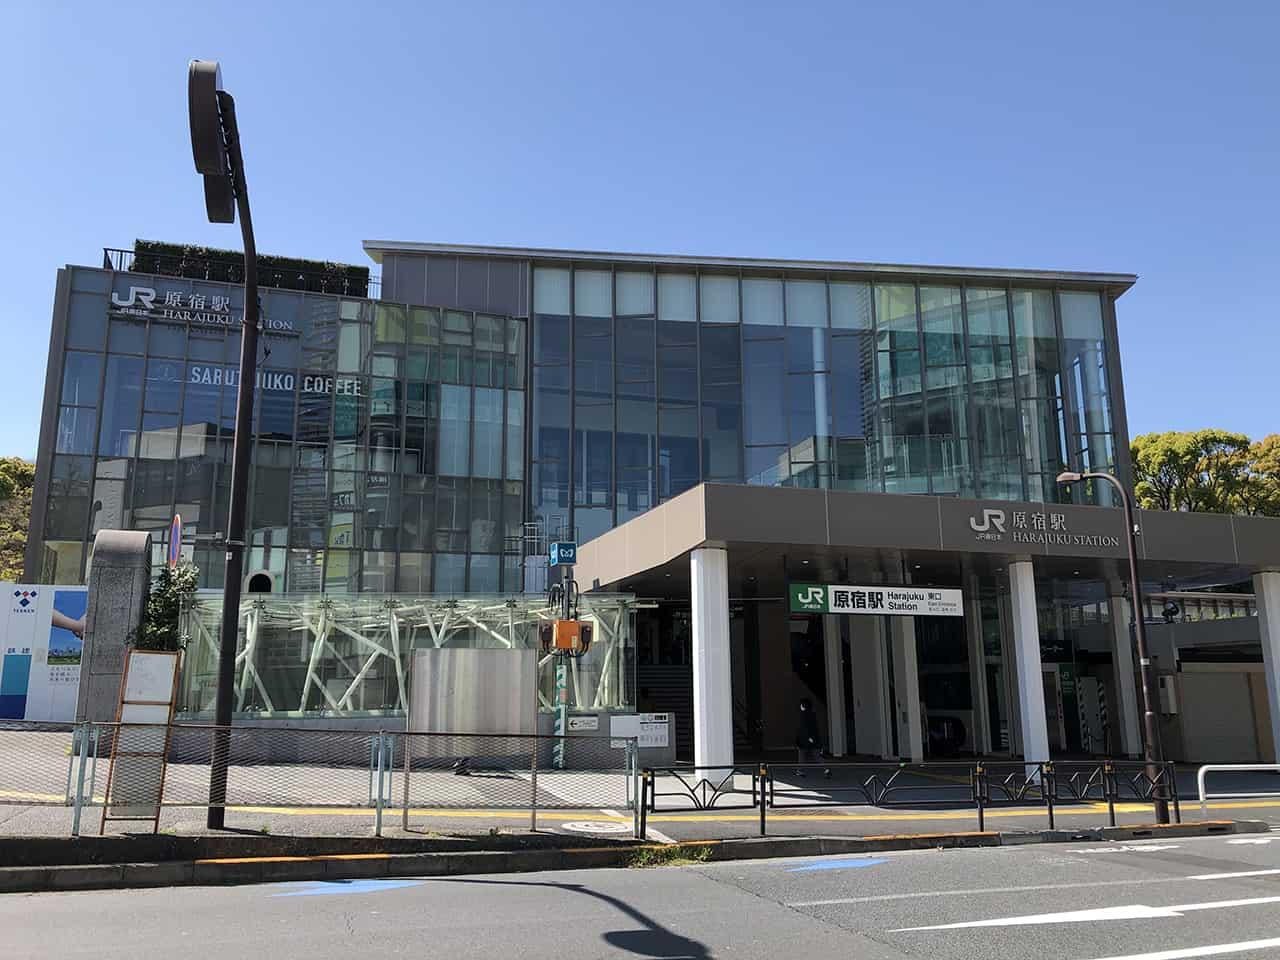 สถานีฮาราจูกุ เปิดทำการใหม่เมื่อวันที่ 21 มีนาคมที่ผ่านมา